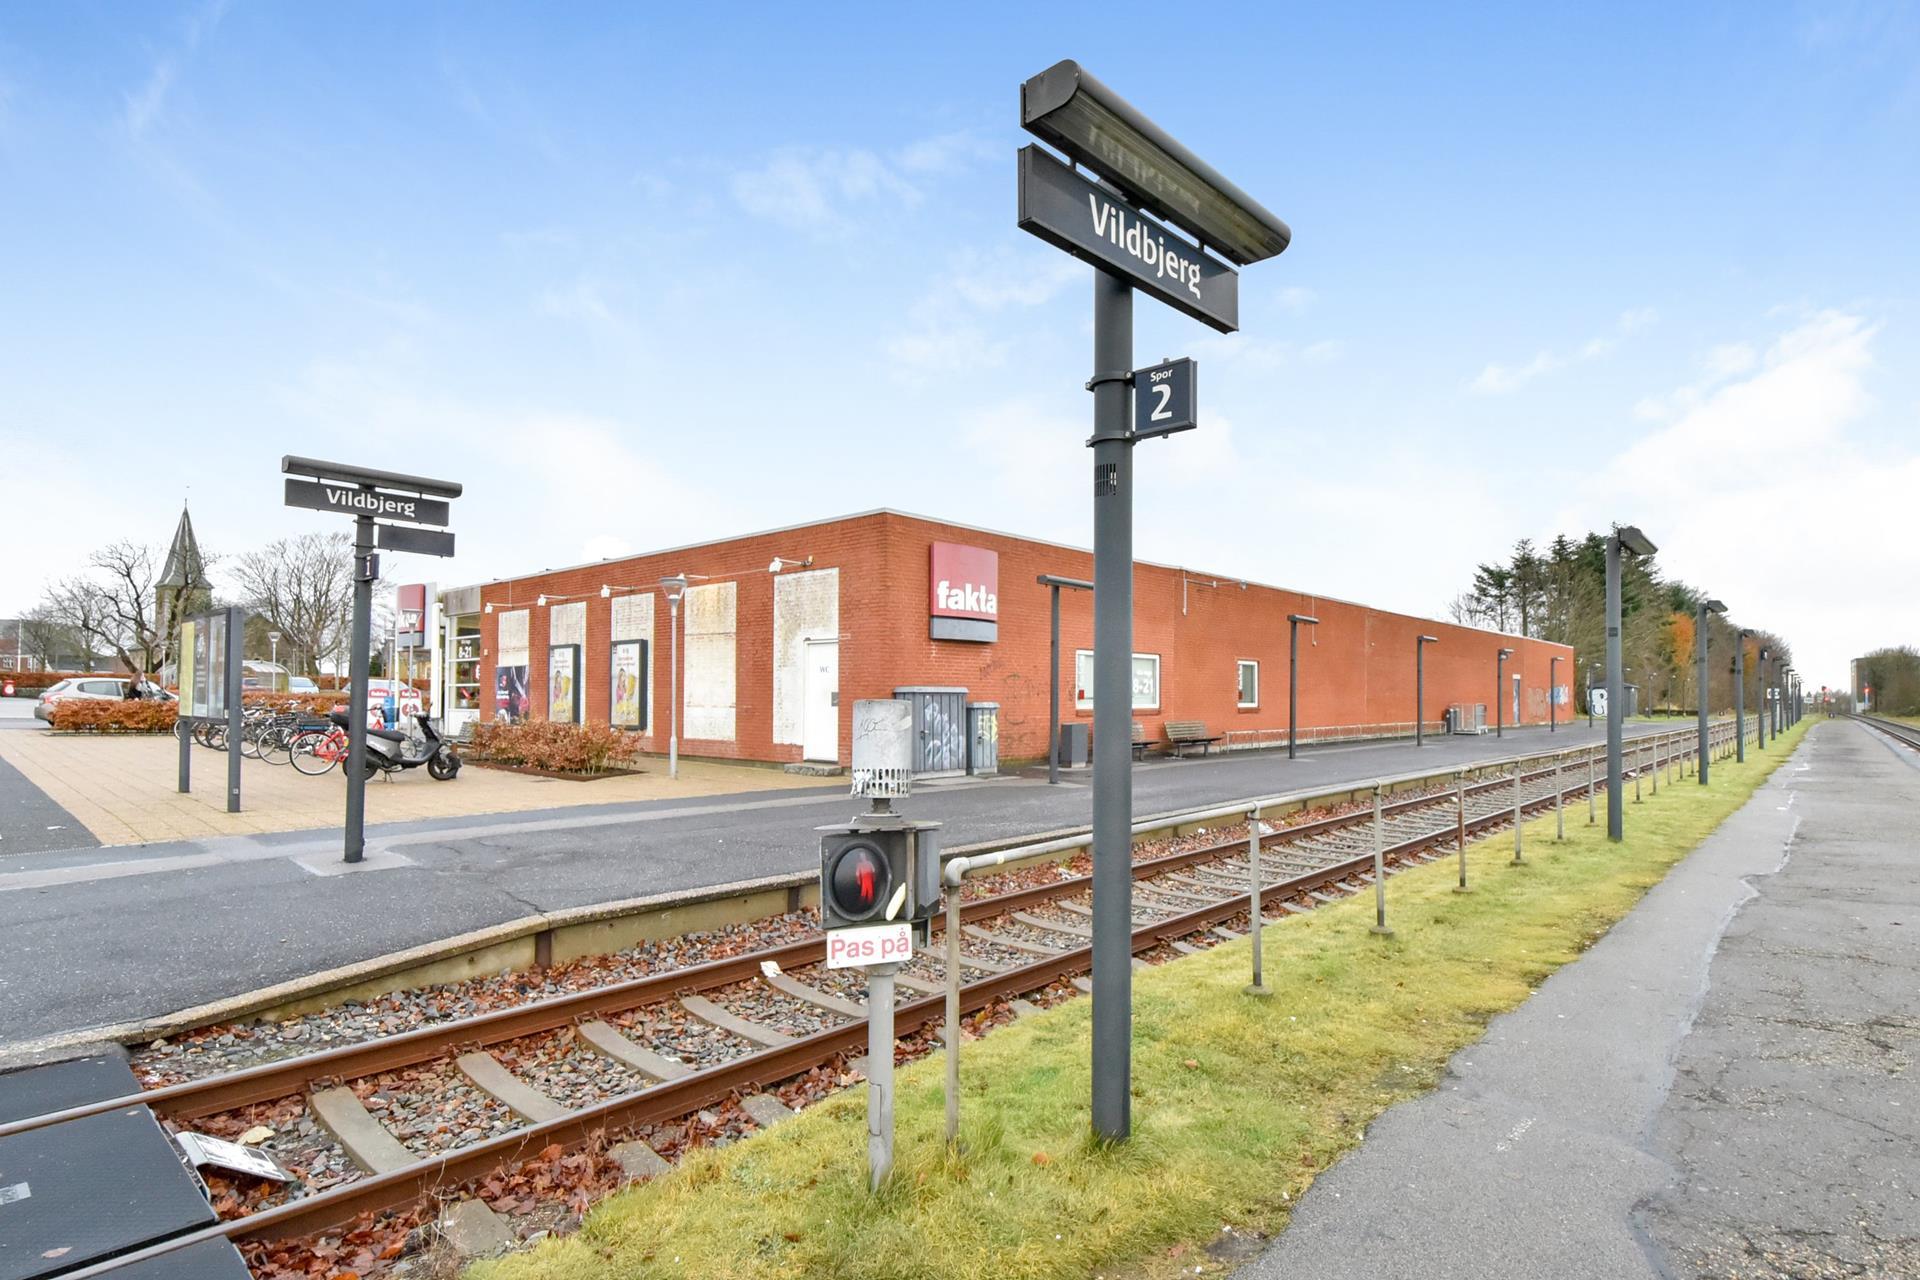 Detail på Jernbane Alle i Vildbjerg - Ejendommen